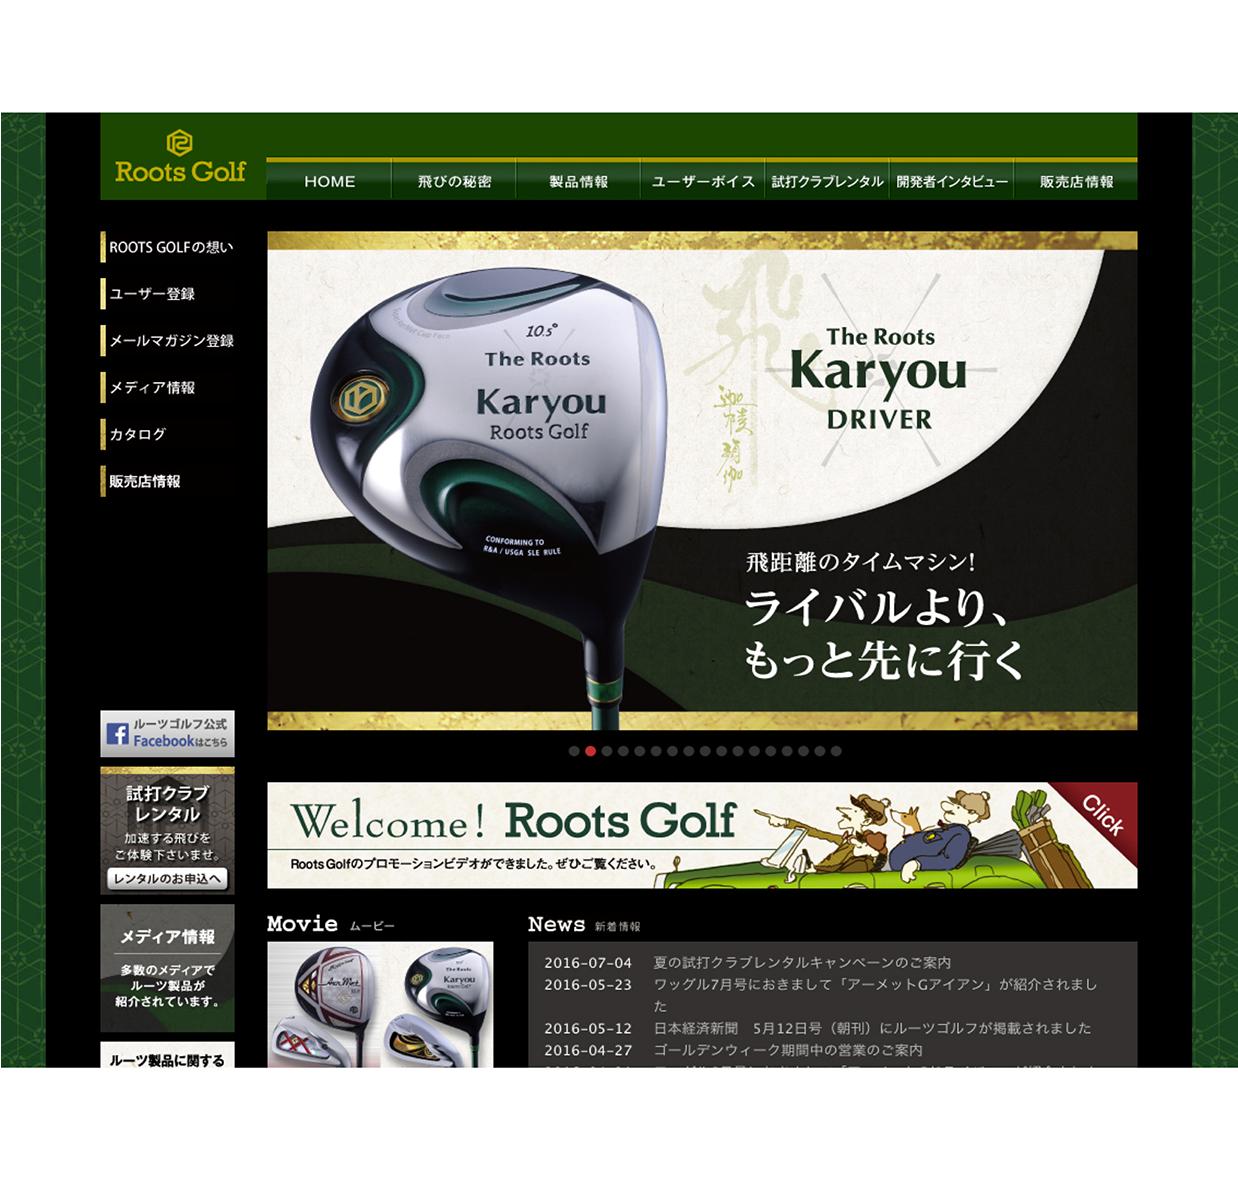 Roots Golf ホームページ